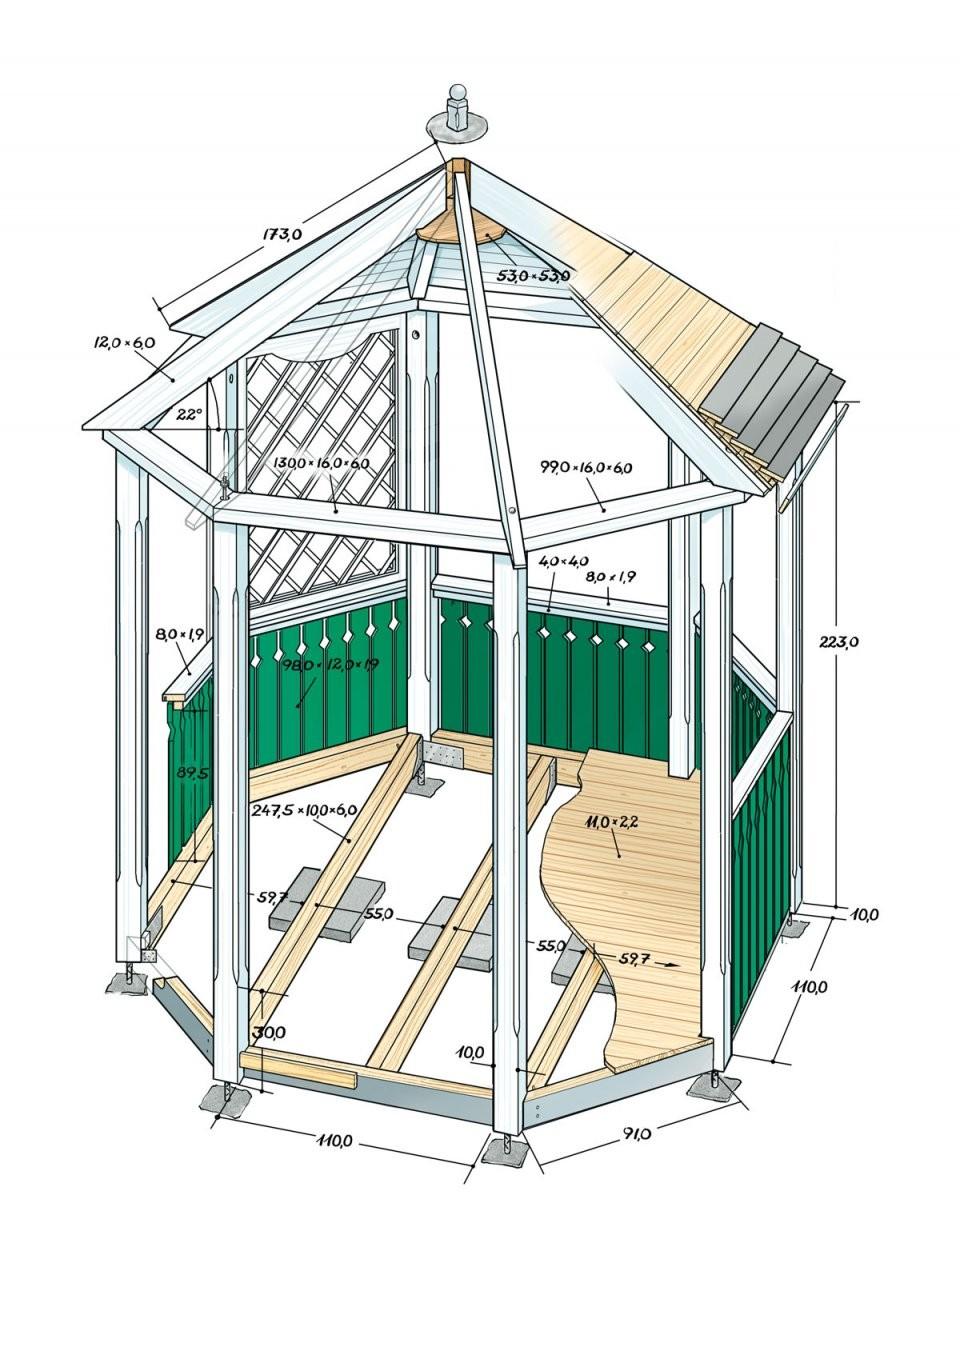 Pavillon Selber Bauen Anleitung von Pavillon Holz 4X4 Selber Bauen Photo